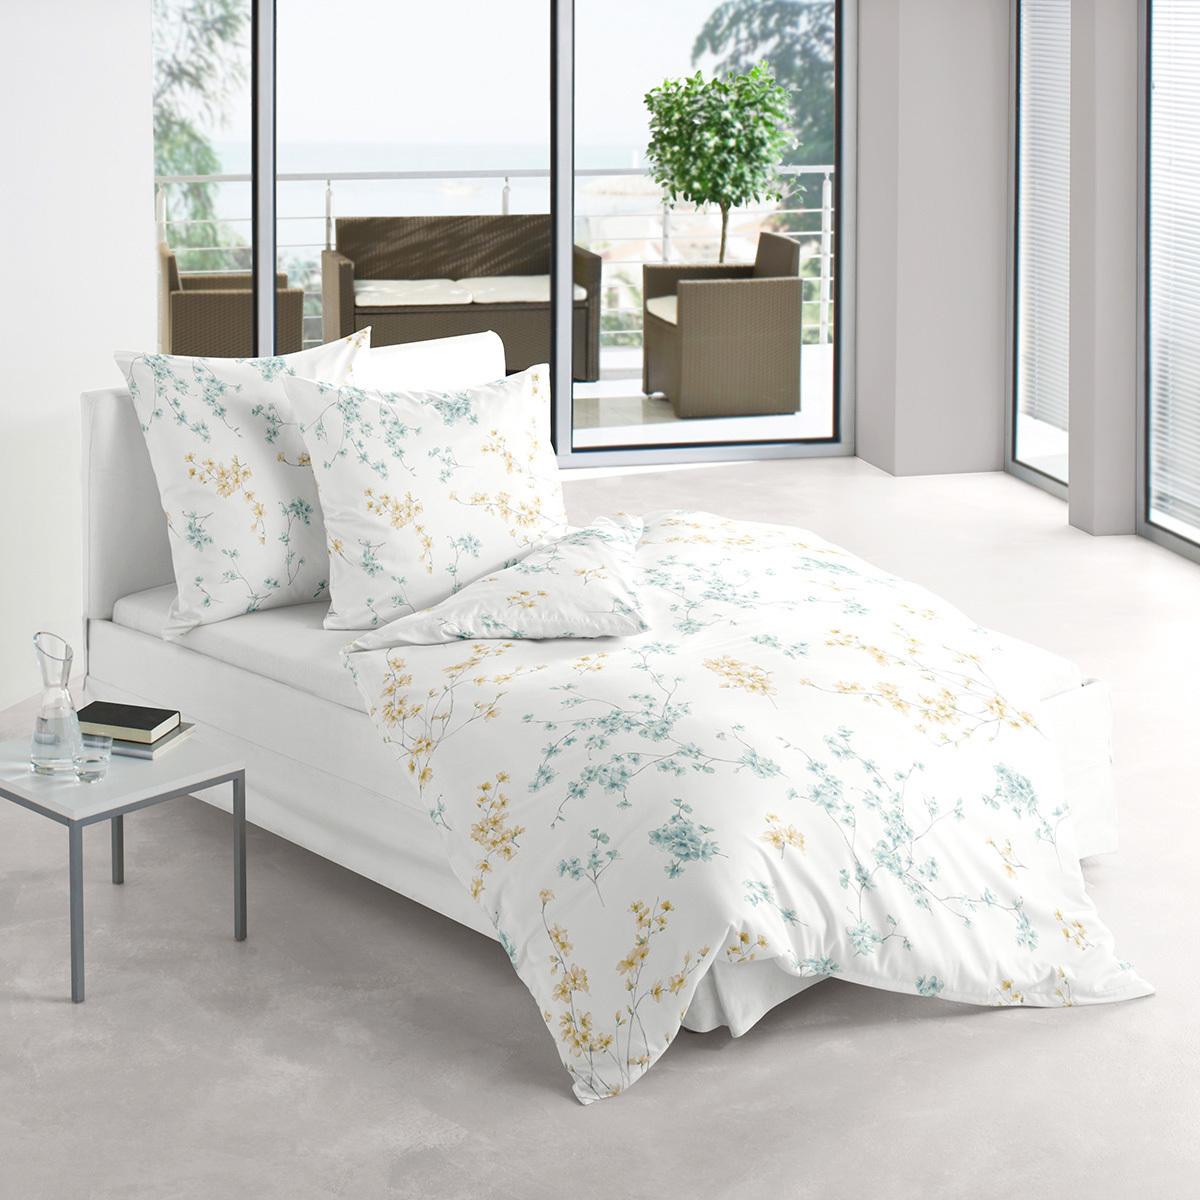 irisette jersey bettw sche luna 8682 30 g nstig online kaufen bei bettwaren shop. Black Bedroom Furniture Sets. Home Design Ideas